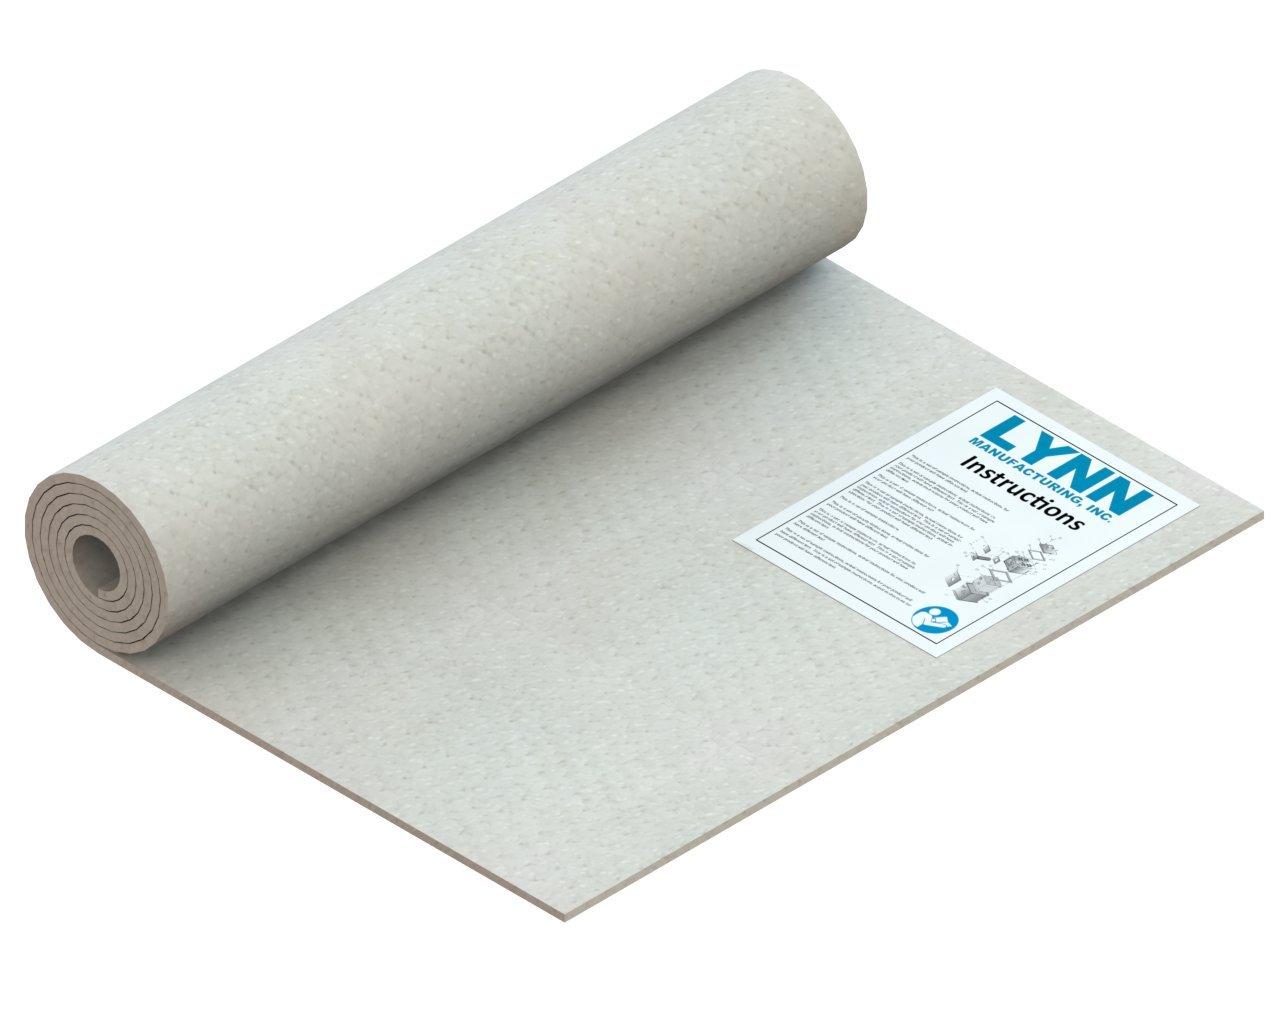 Kaowool 2300F Ceramic Fiber Blanket, 60'' x 24'' x 1/4'' by Lynn Manufacturing